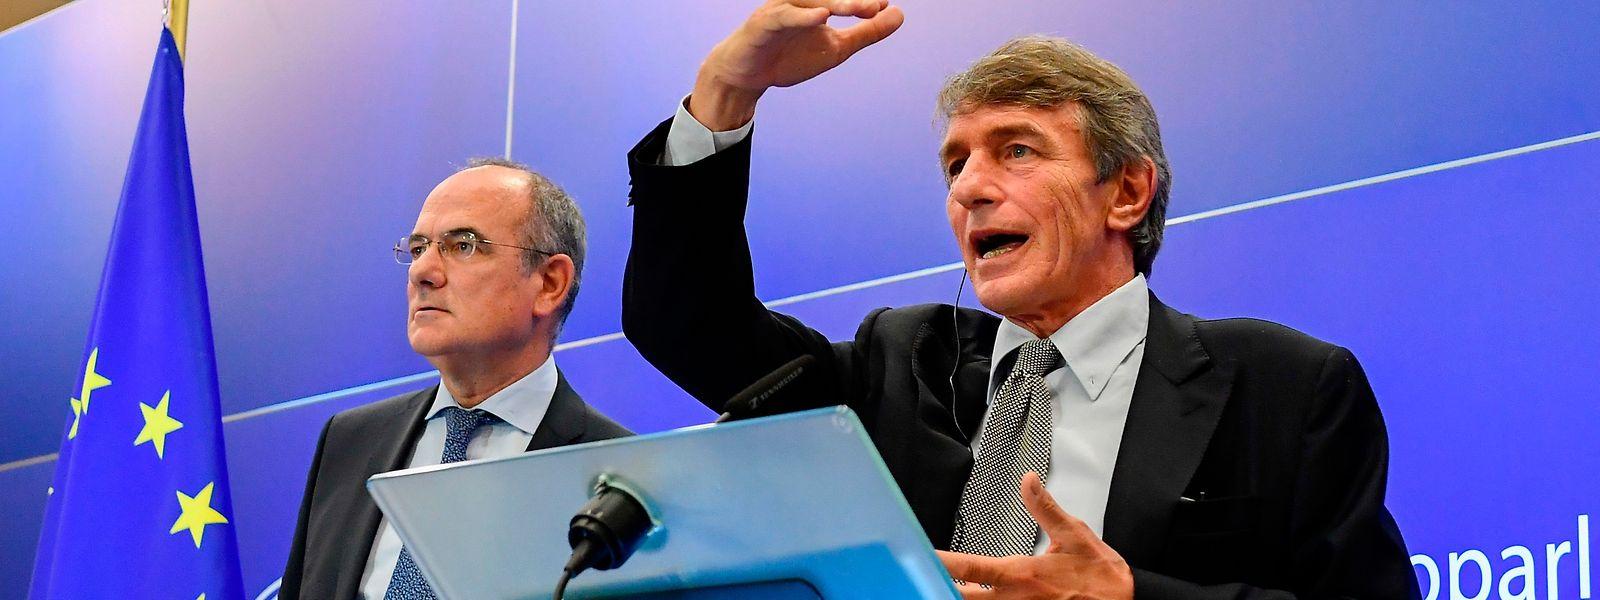 David Sassoli (R) während der Pressekonferenz am Donnerstag.